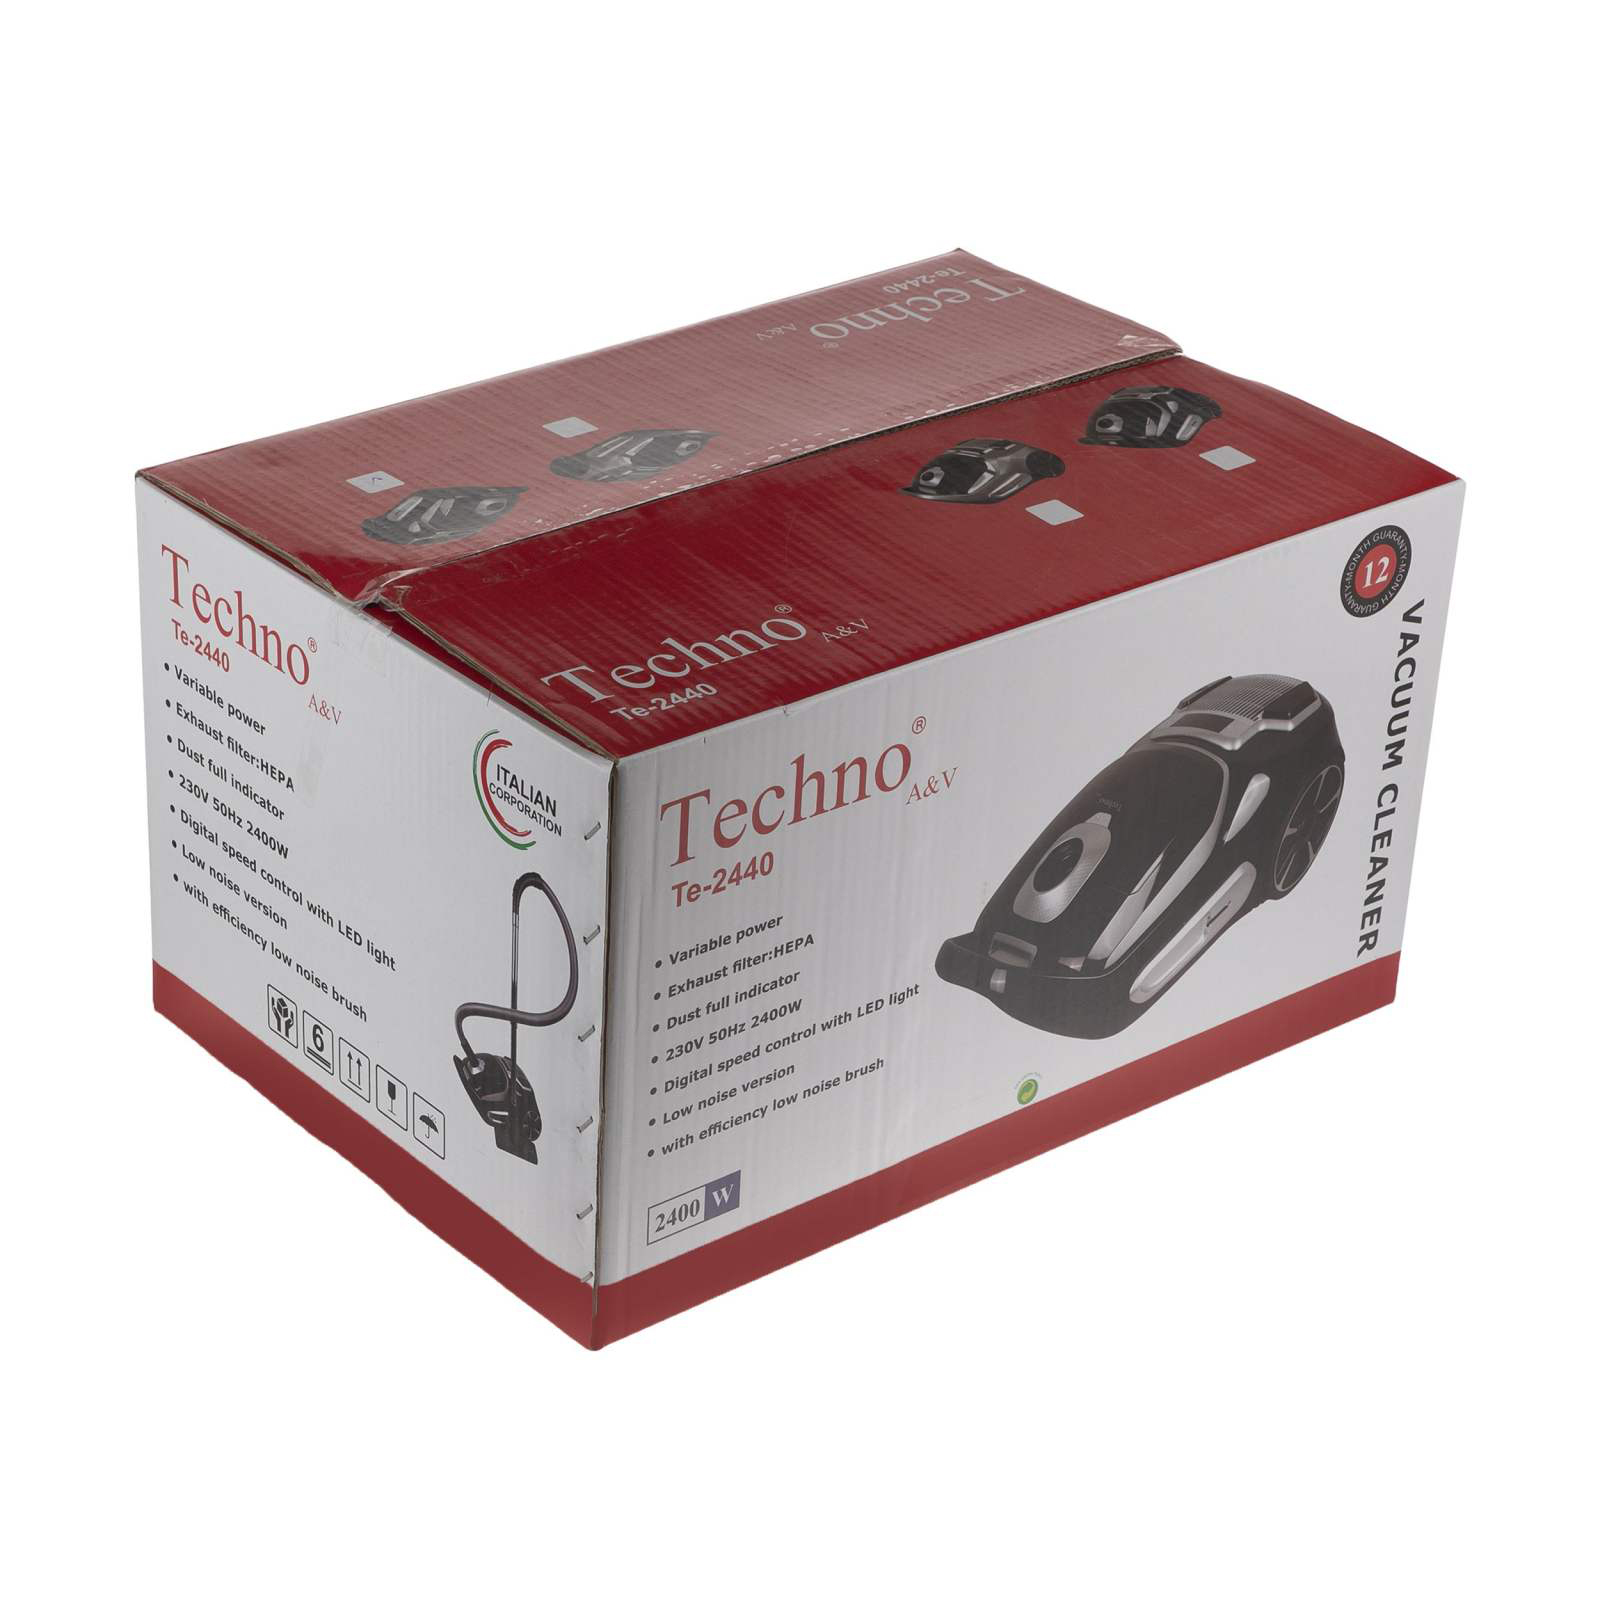 Techno TE 2440 Vacuum Cleaner dominokala 4 - جارو برقی تکنو TE-2440